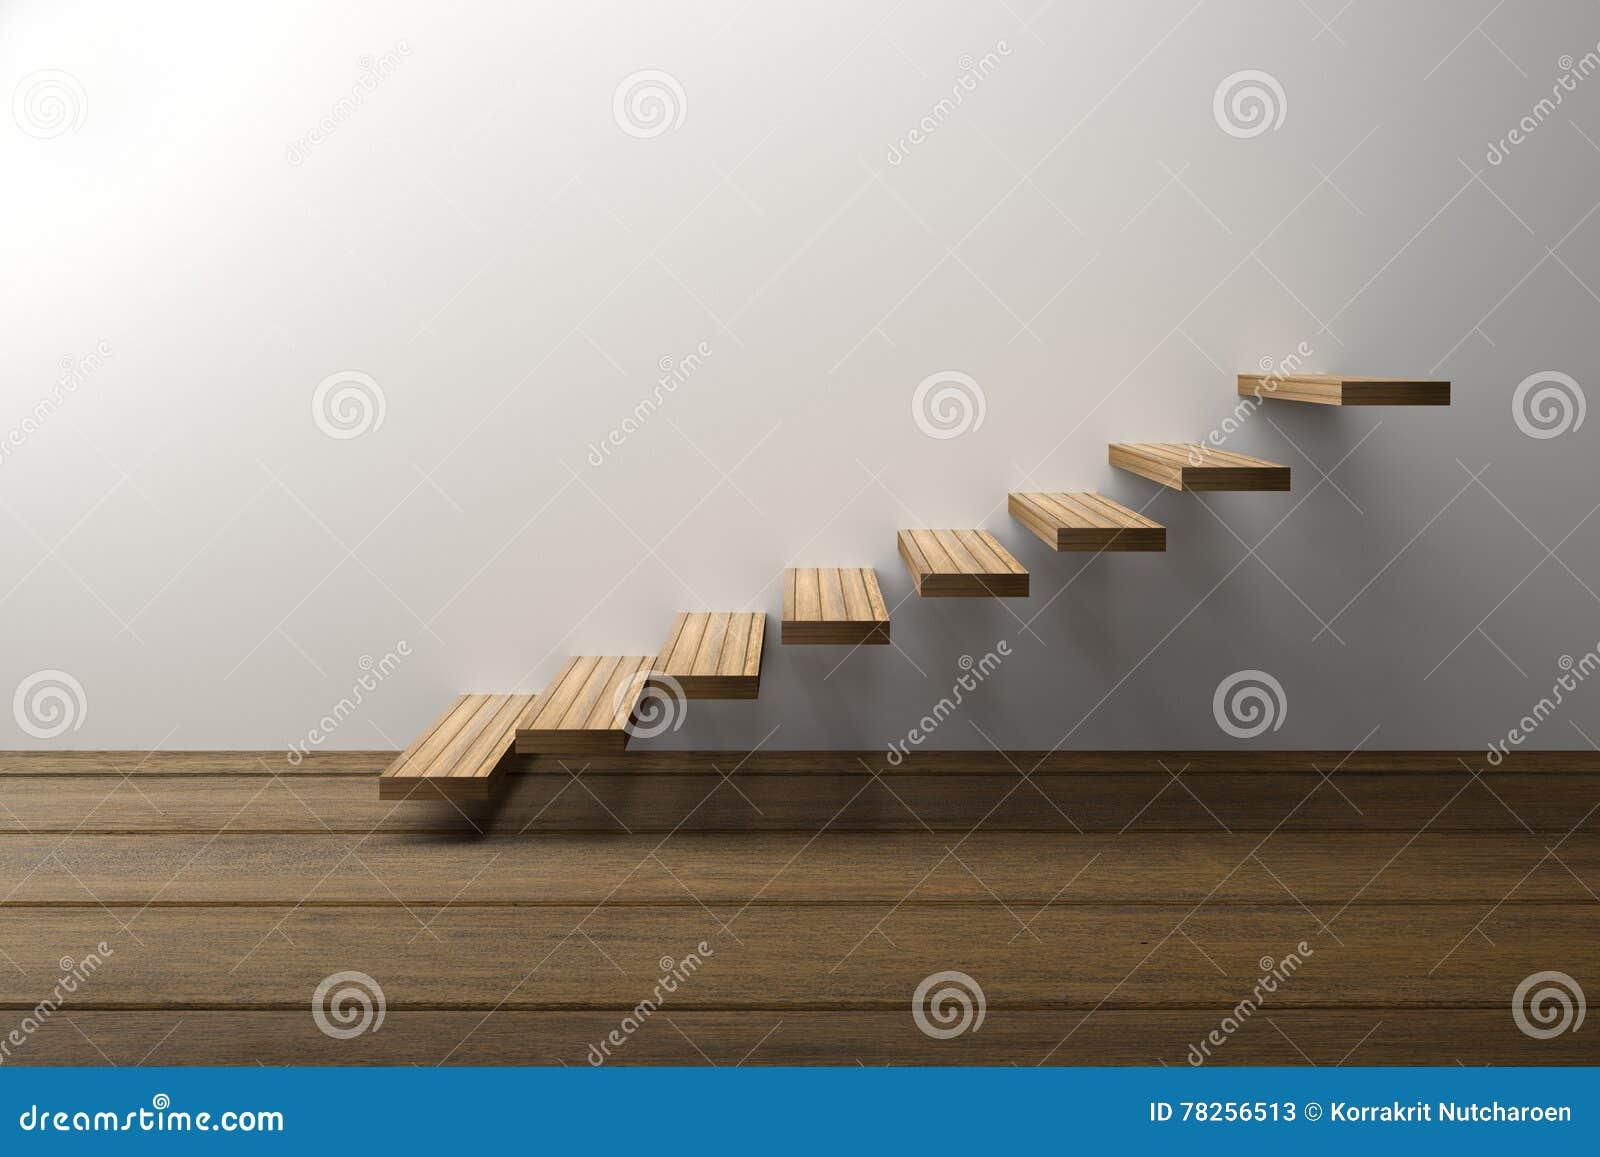 τρισδιάστατη απόδοση: η απεικόνιση του ξύλινου σκαλοπατιού ή επιταχύνει στο άσπρο κλίμα τοίχων με το ξύλινο πάτωμα, επιτυχία, ανα